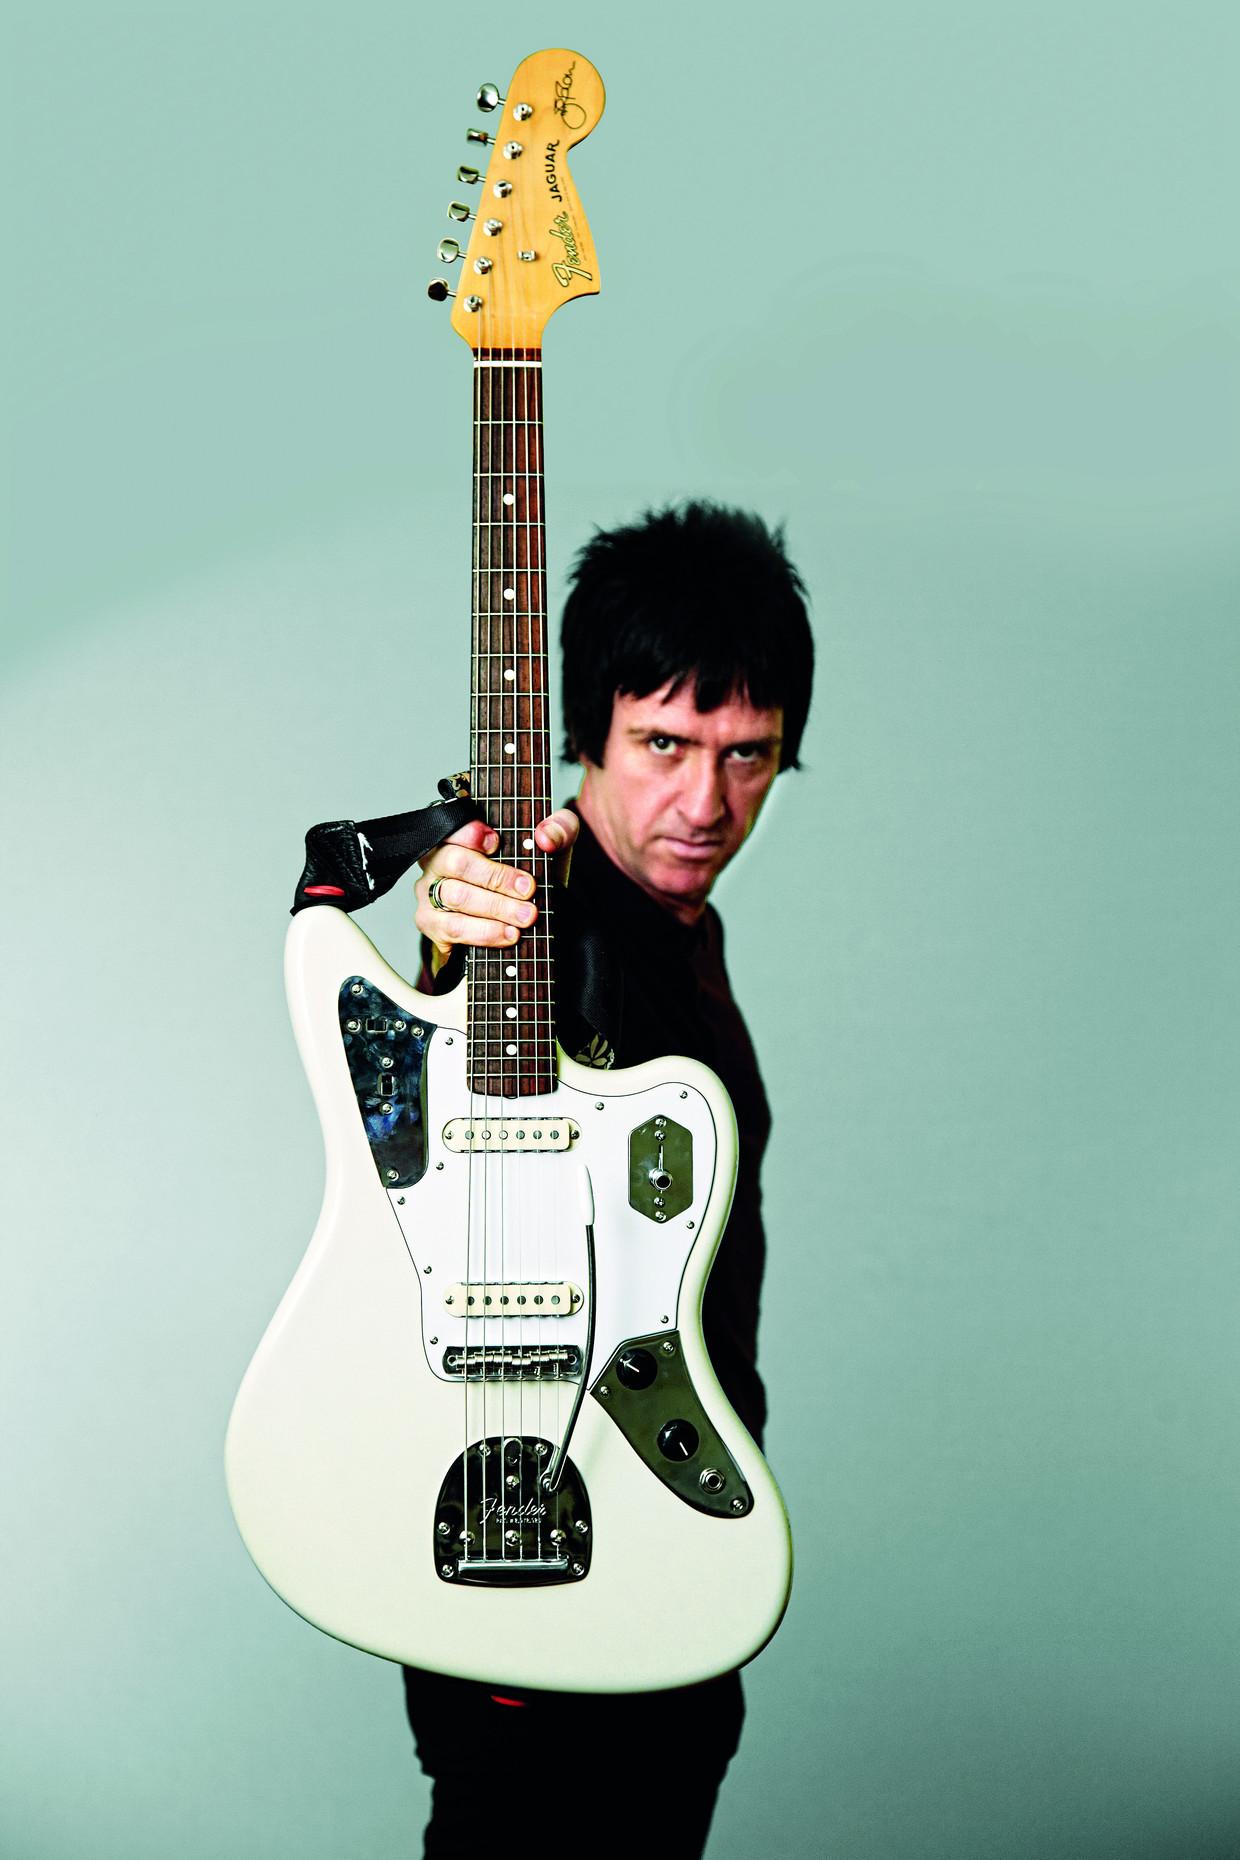 Gitarist Johnny Mar: 'Ik voelde mijn verleden met The Smiths steeds zwaarder op me drukken.'